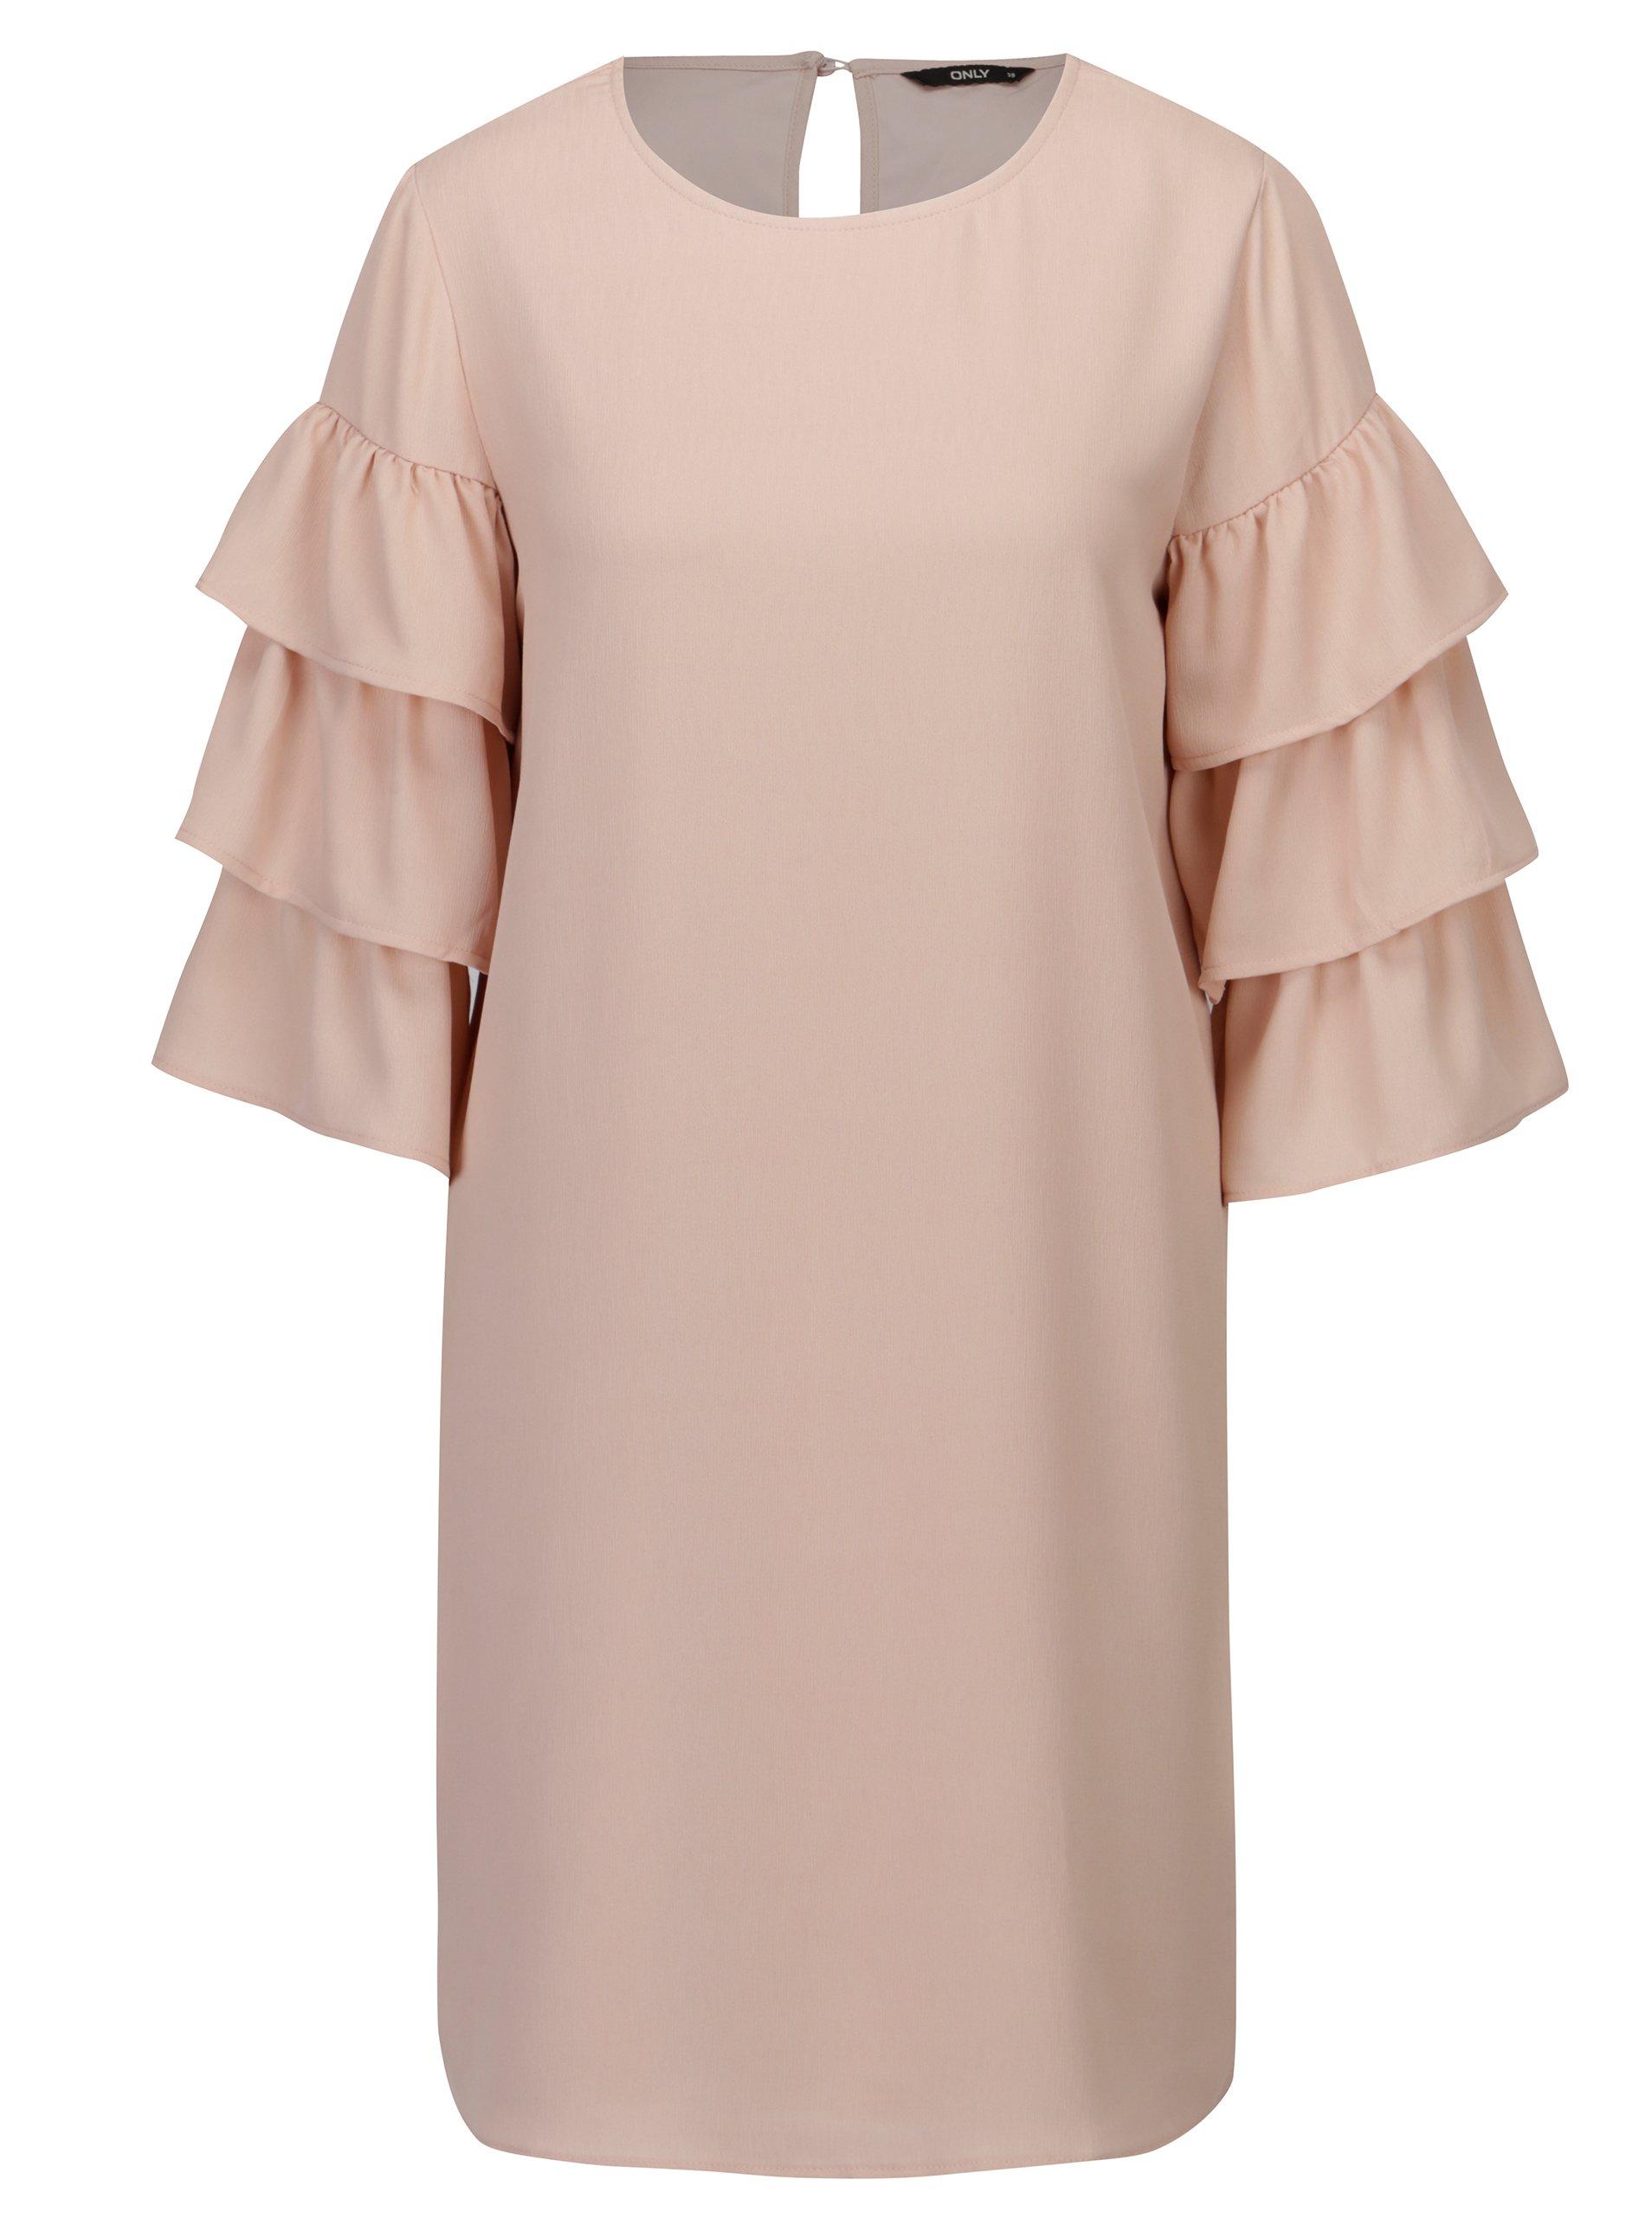 Starorůžové šaty s volány na rukávech ONLY Caroline